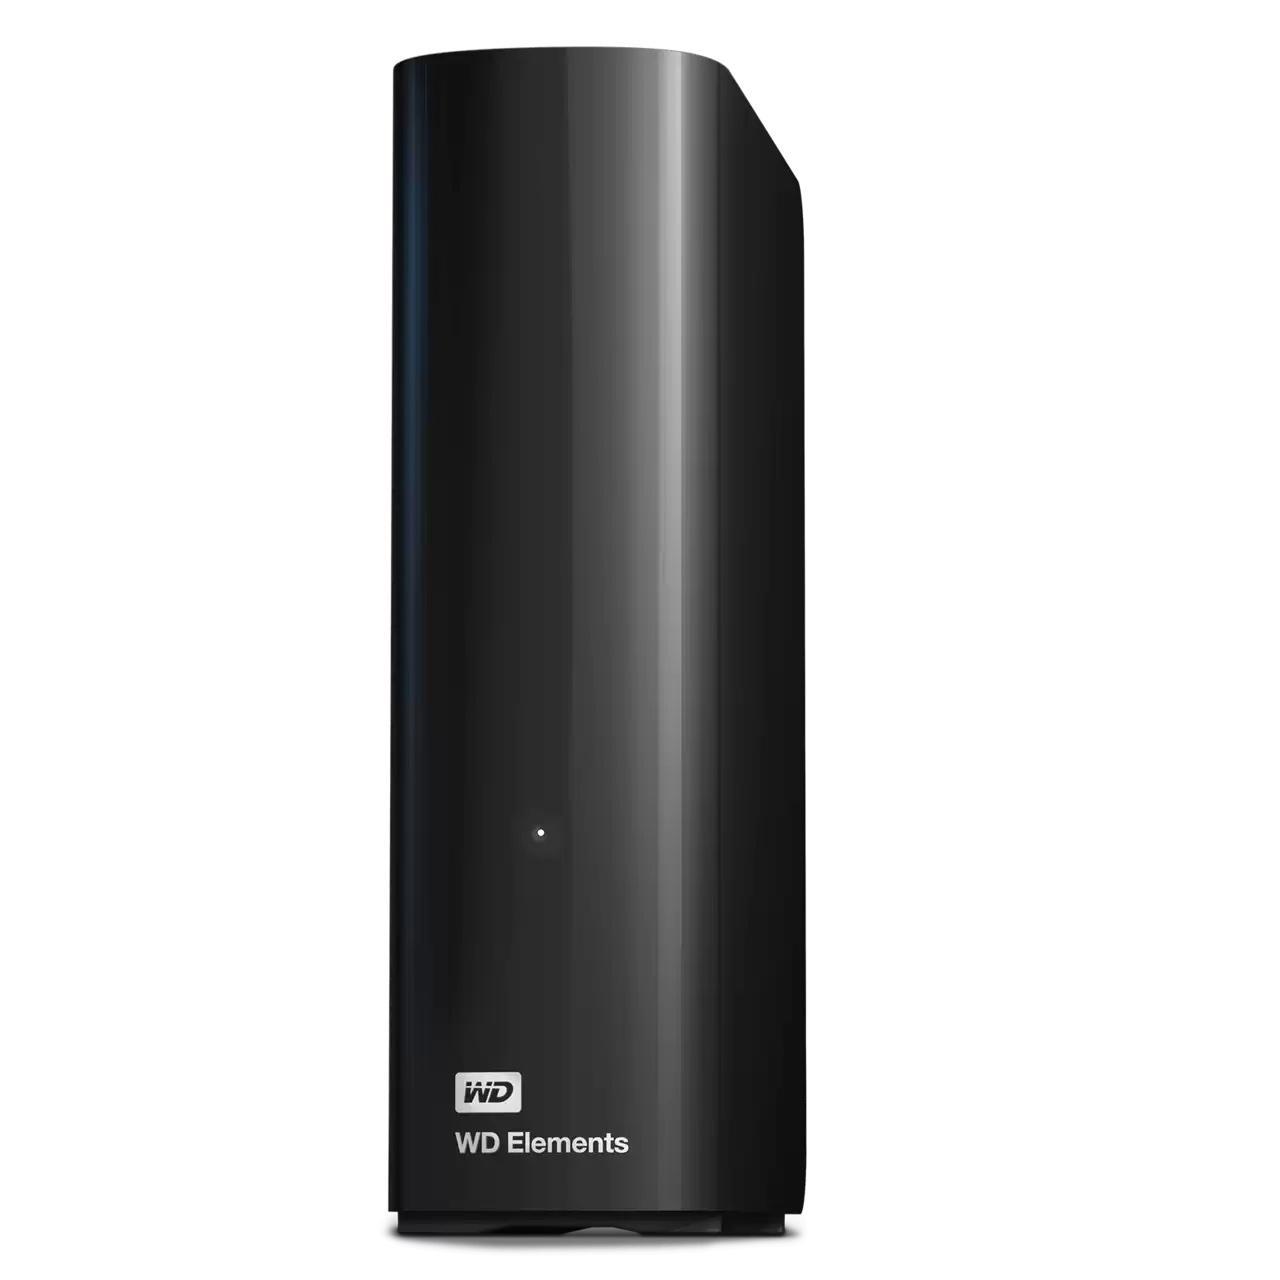 """Външен хард диск Western Digital Elements Portable, 10TB, 3.5"""", USB 3.0, Черен"""